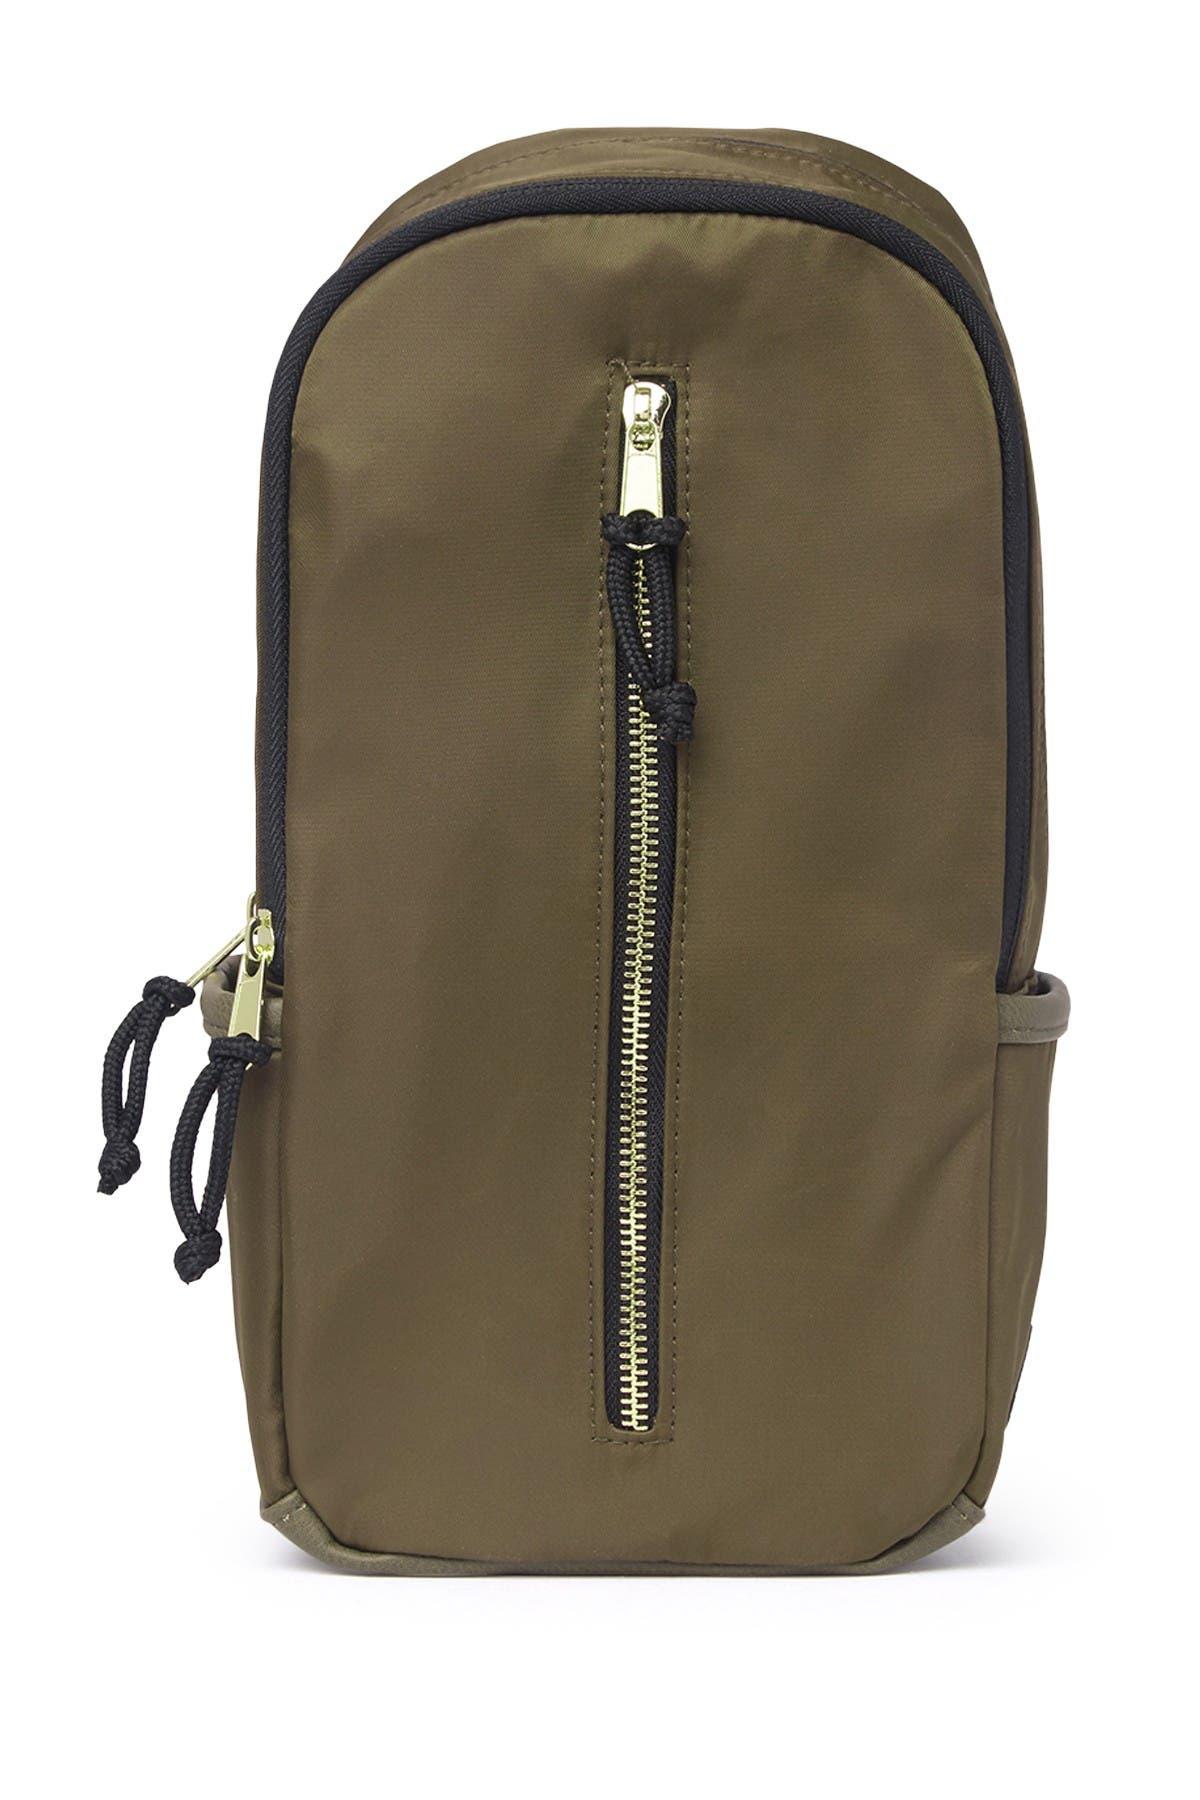 Image of Madden Girl Nylon Sling Crossbody Bag